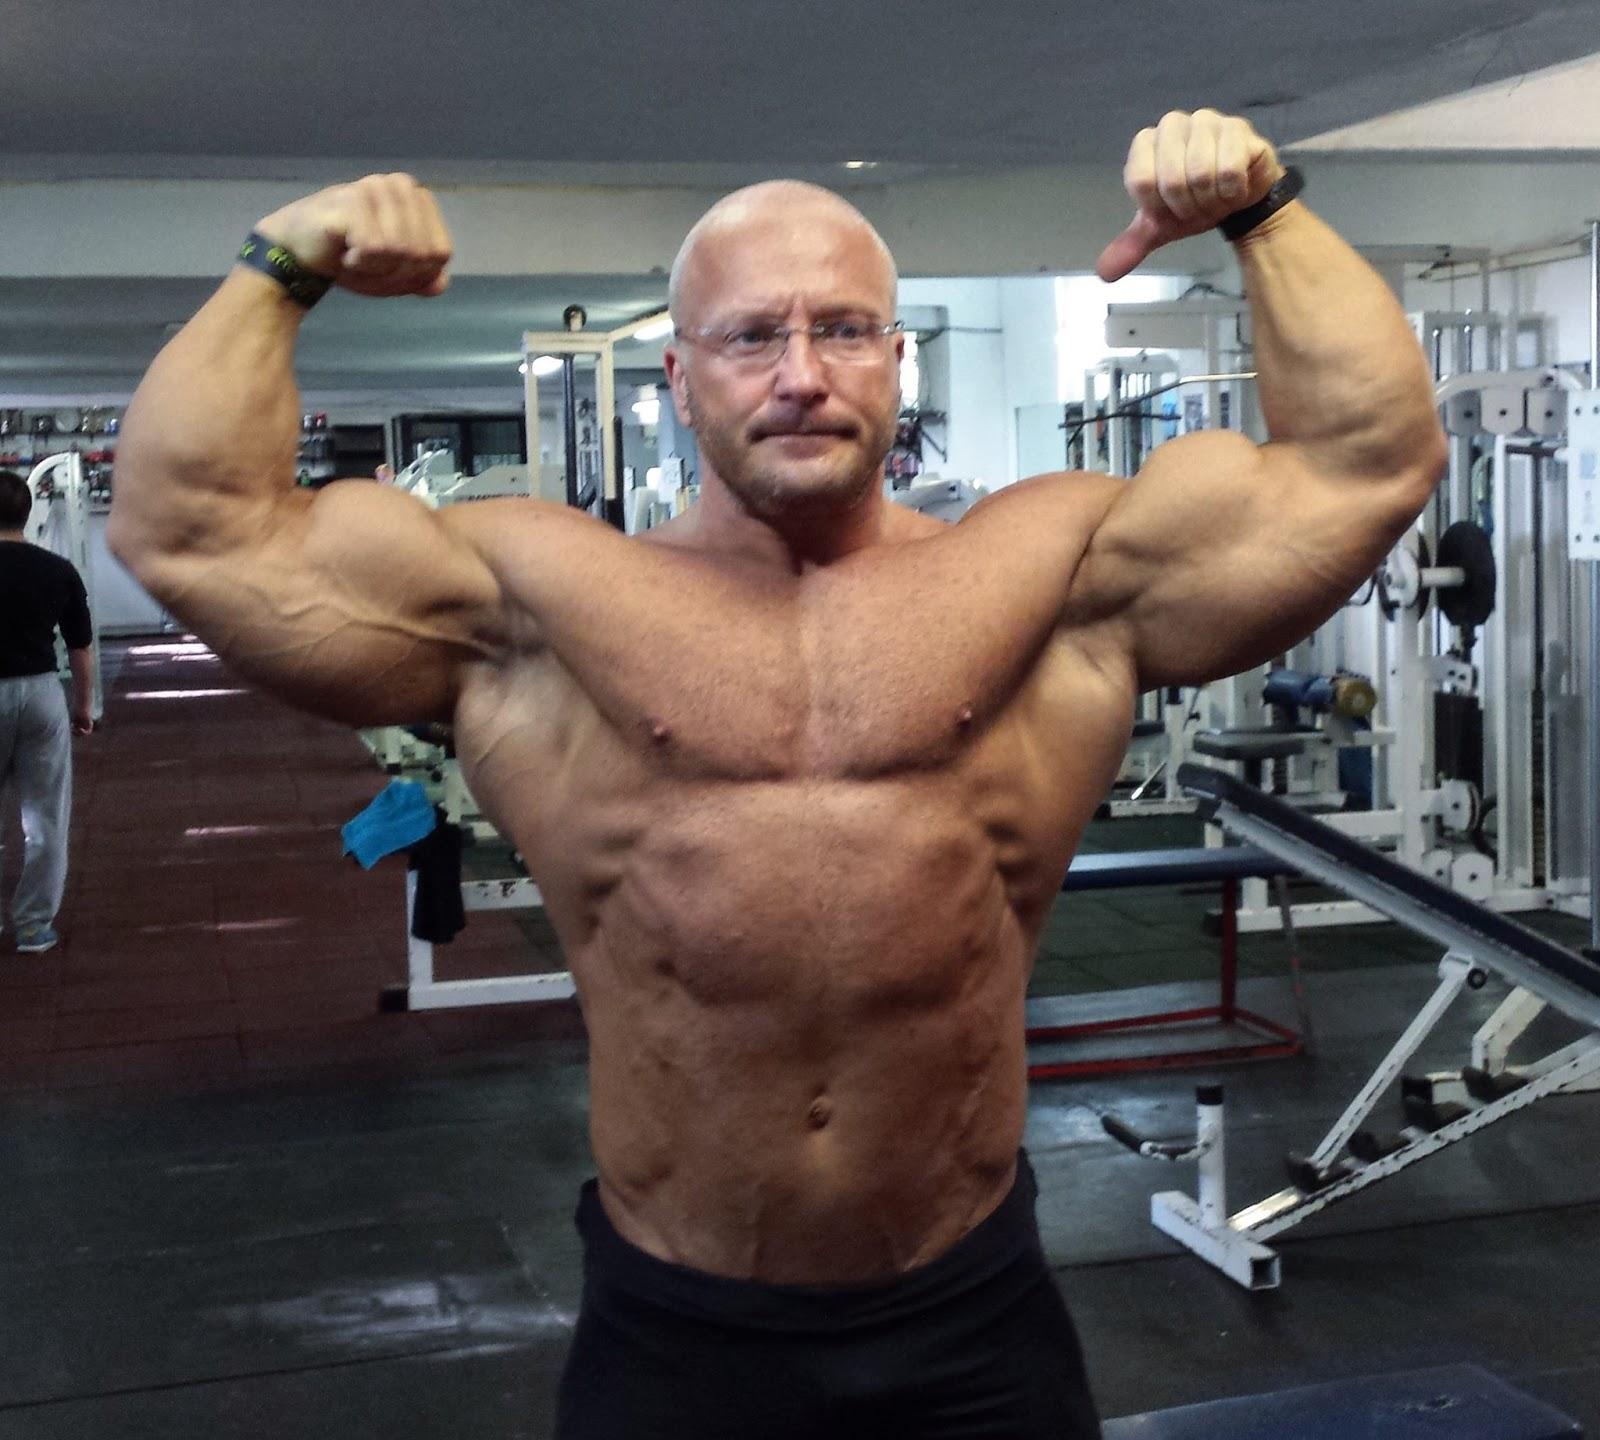 Big muscle   Muscle women, Body building women, Muscular women